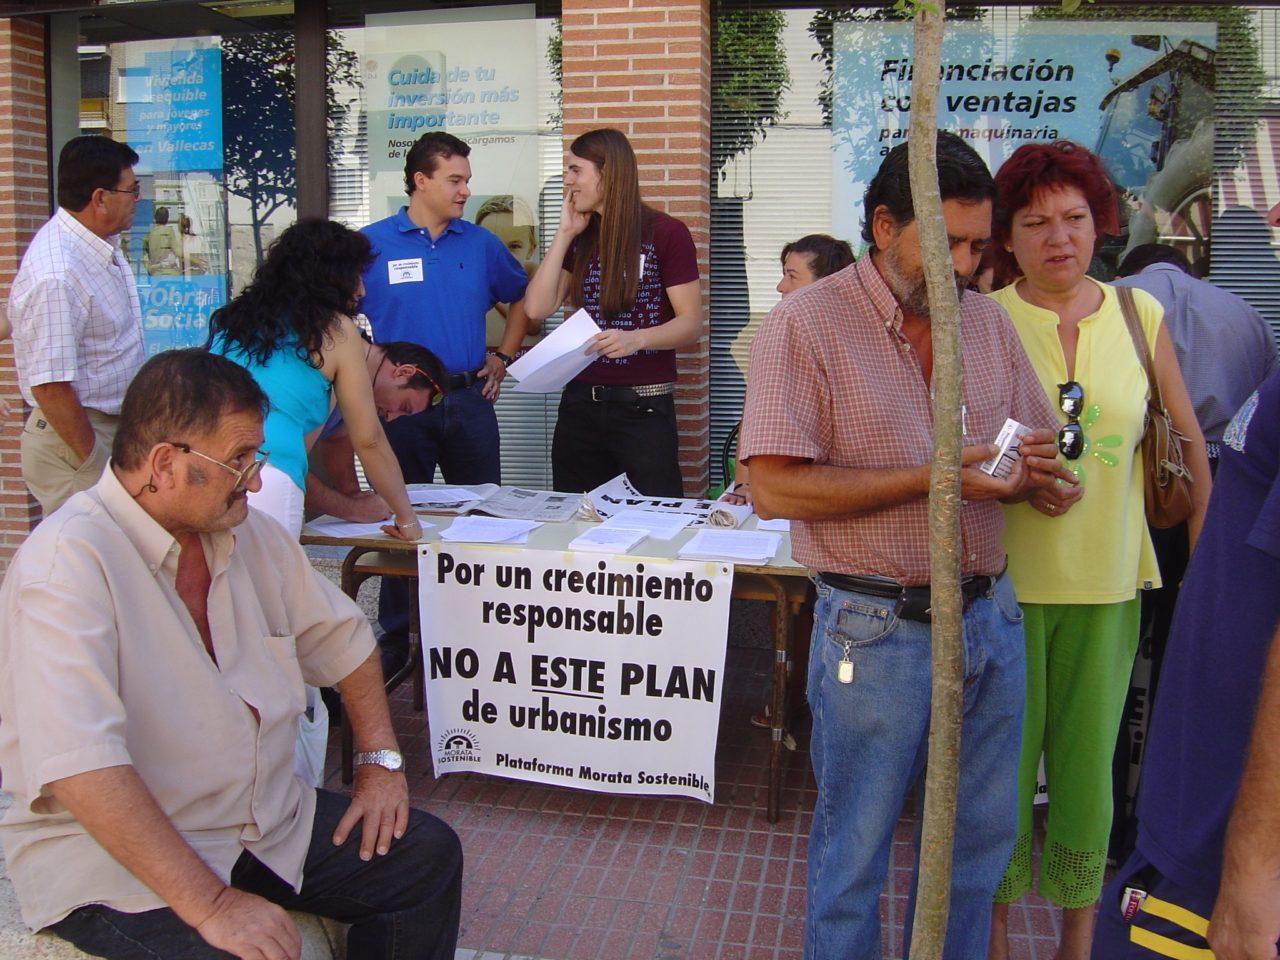 Los vecinos denuncian el convenio urbanístico del Balcón de Tajuña